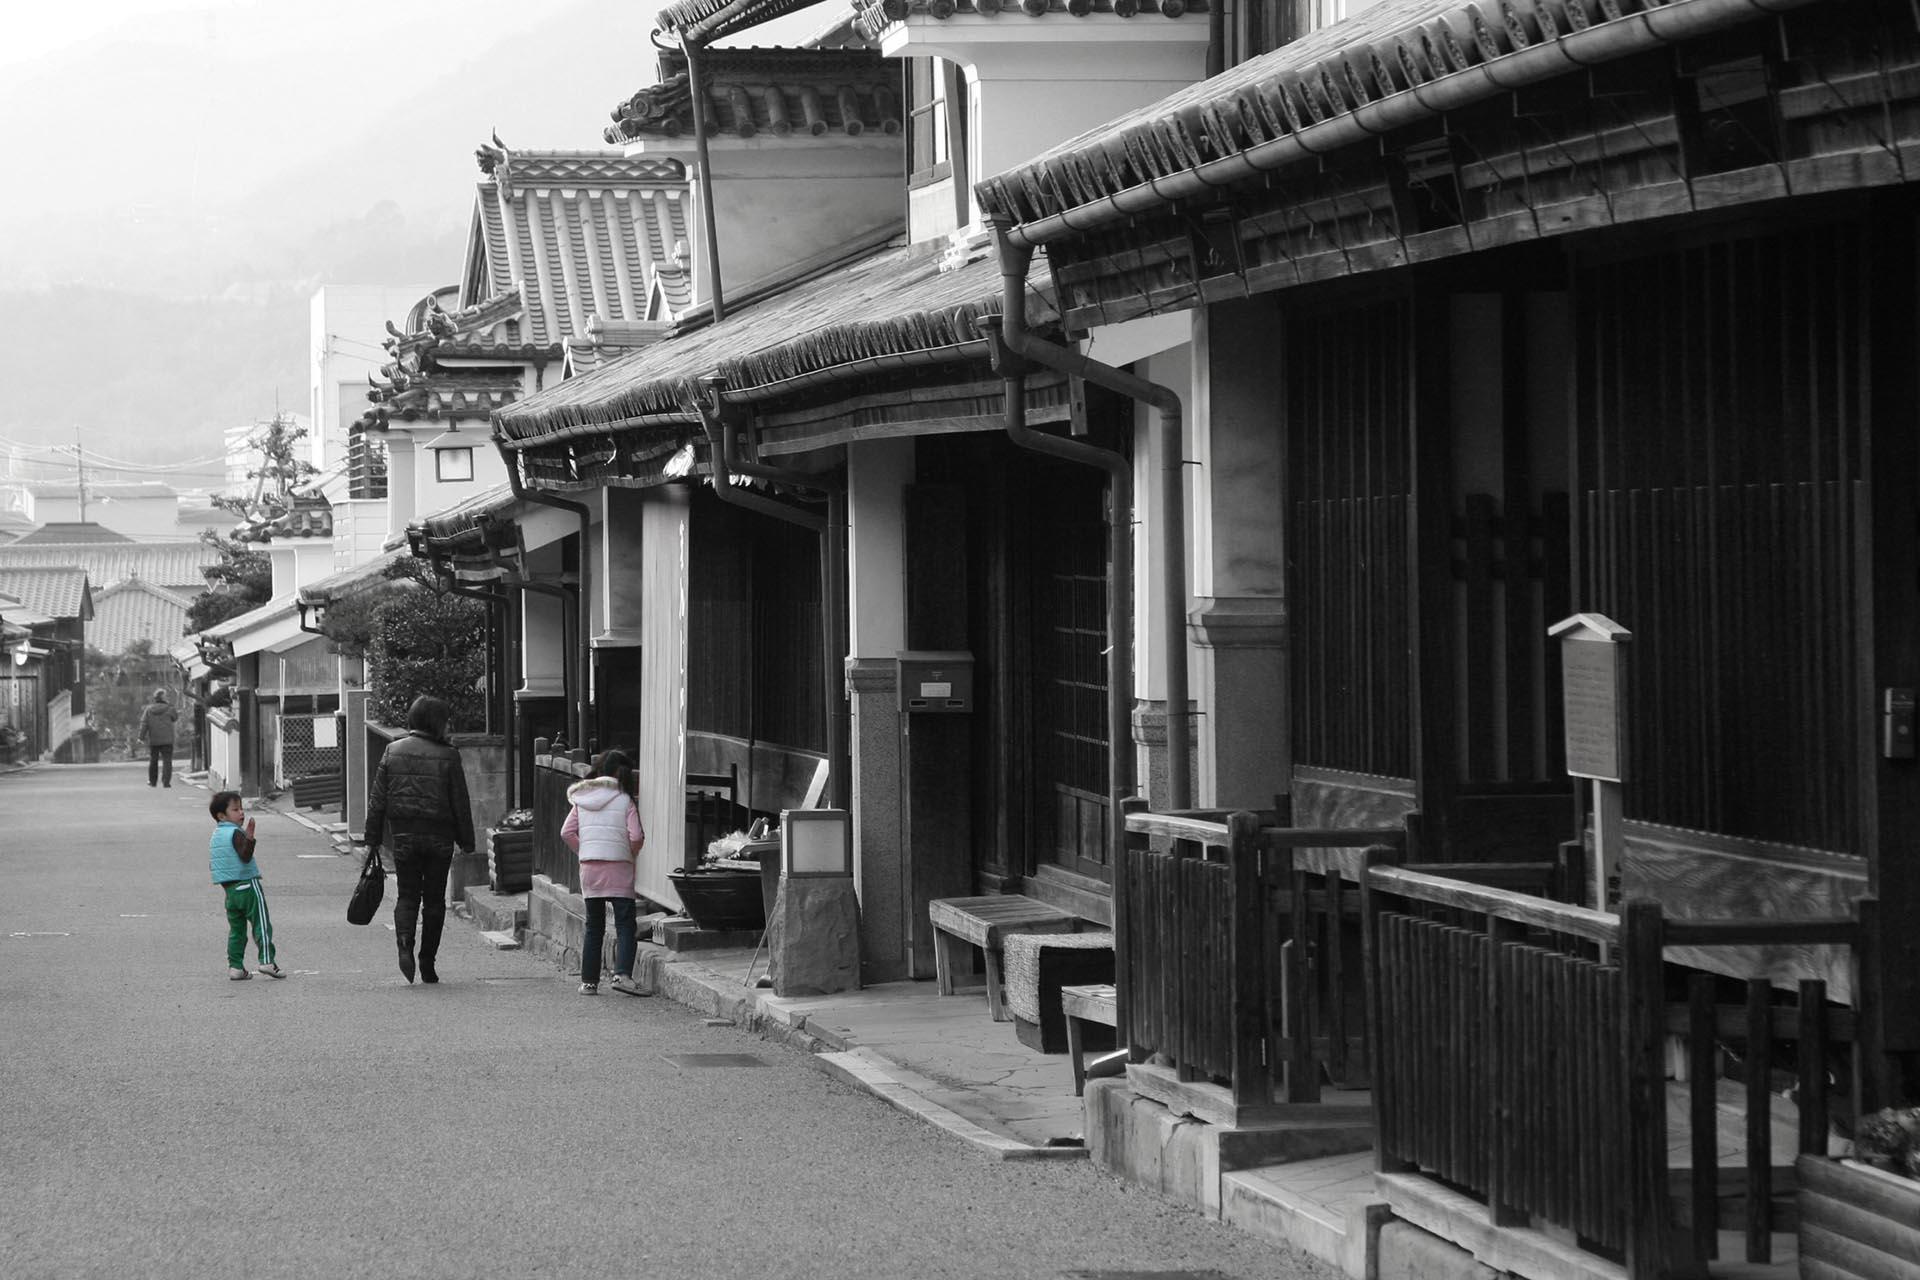 脇町・うだつの町並み 徳島の風景